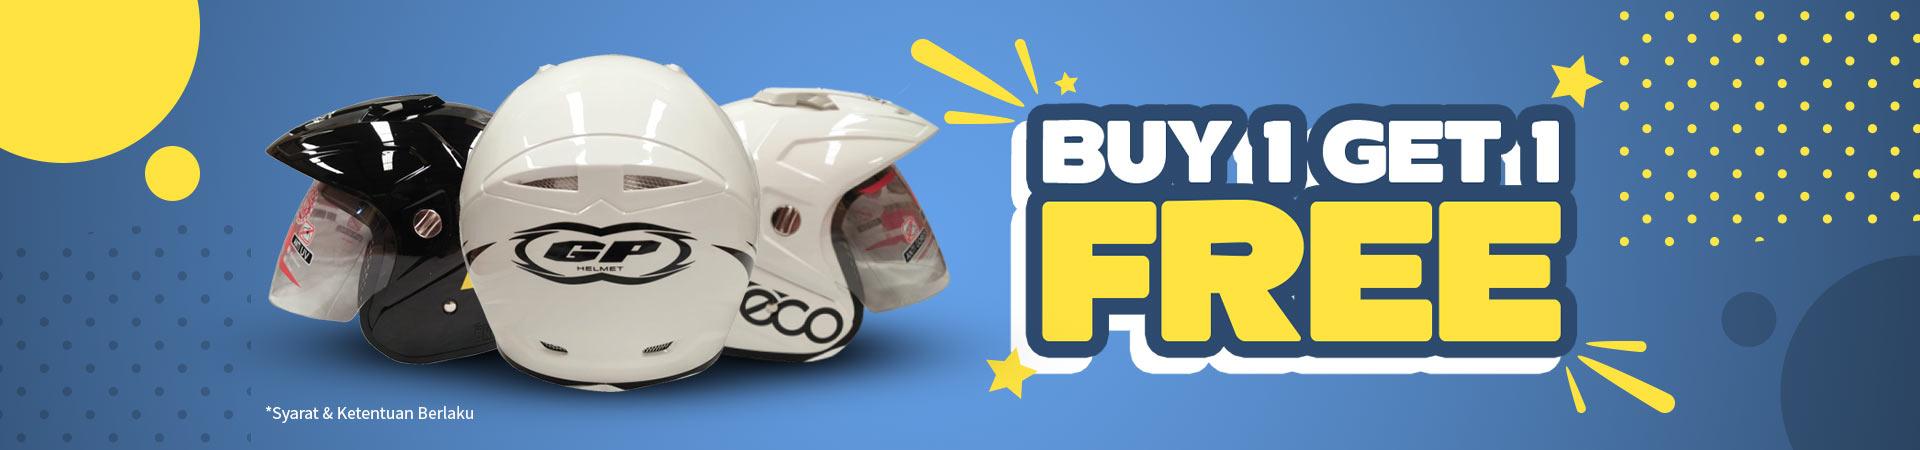 Promo Helm - Buy 1 Get 1 Free